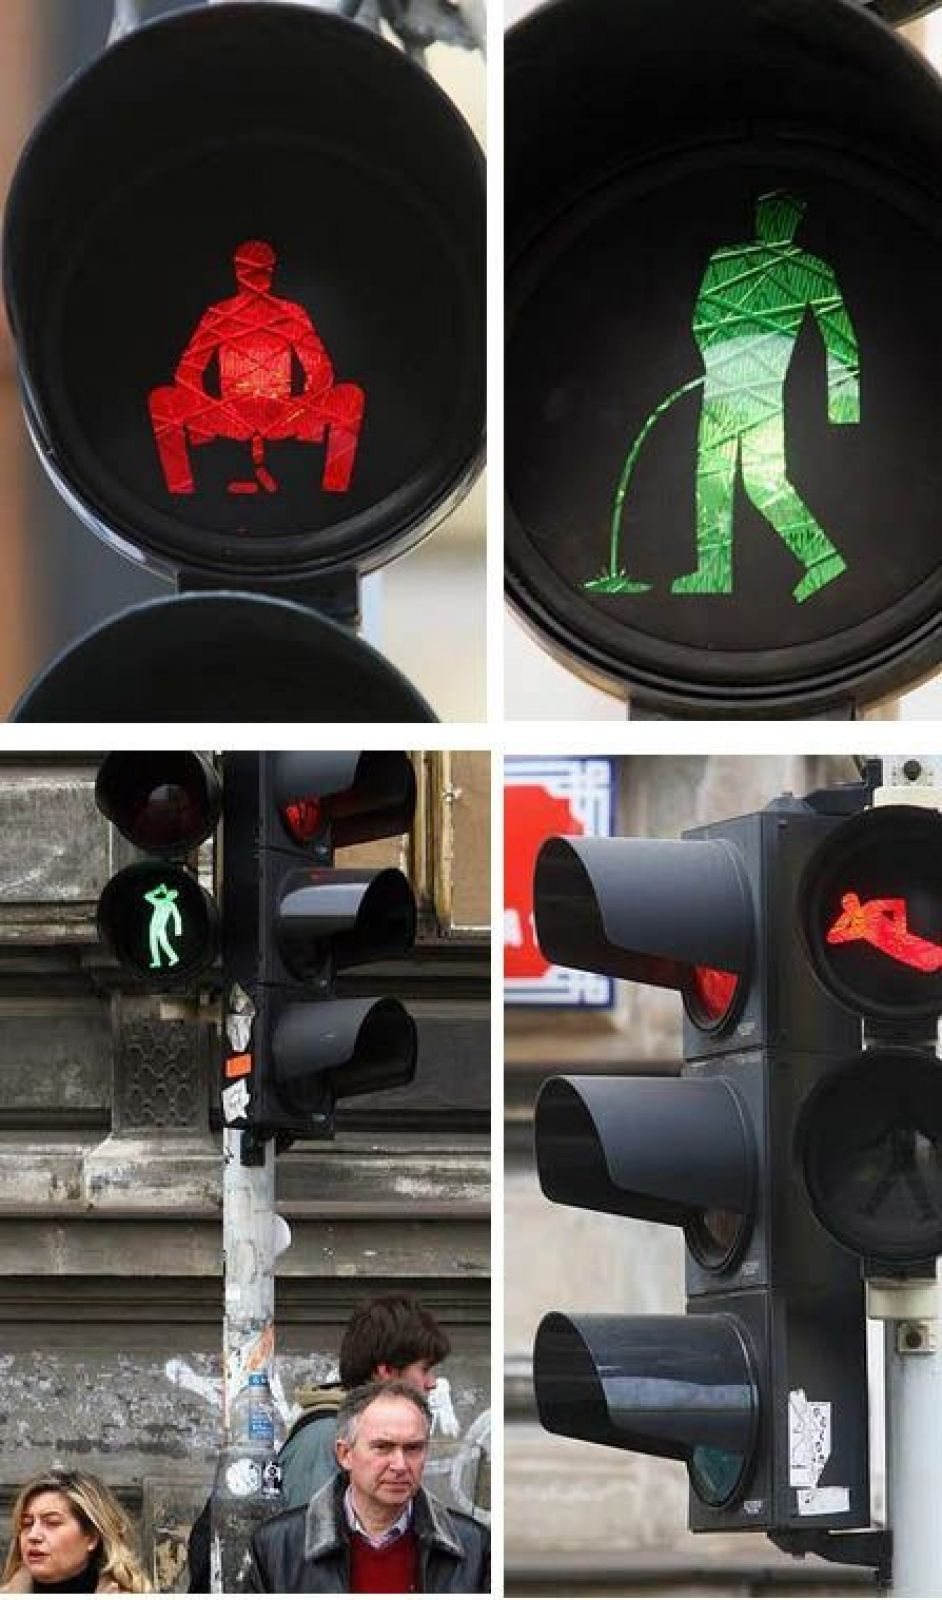 Оригинальные светофоры на улицах различных городов в разных странах